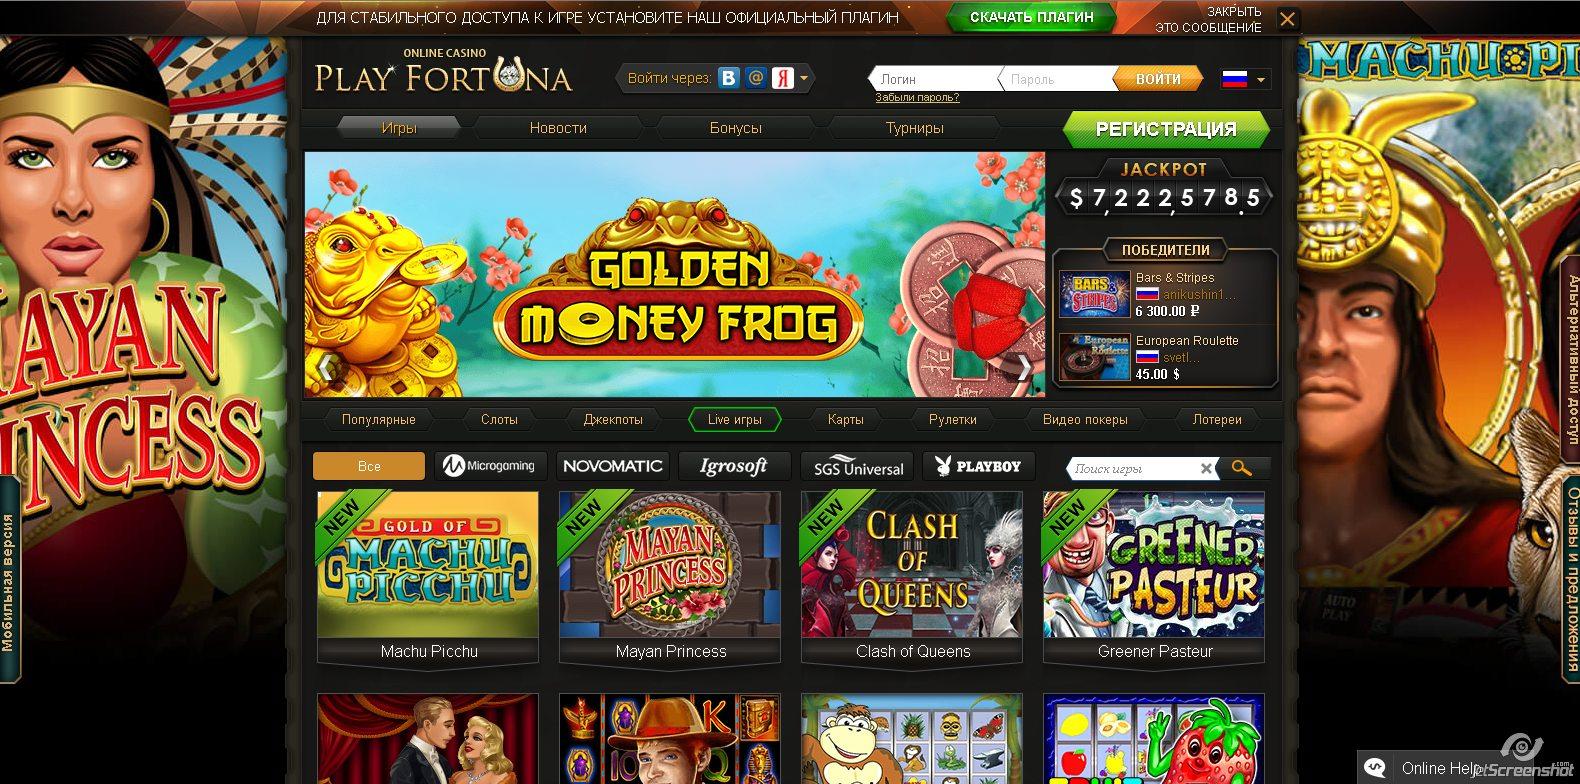 официальный сайт плей фортуна казино играть демо